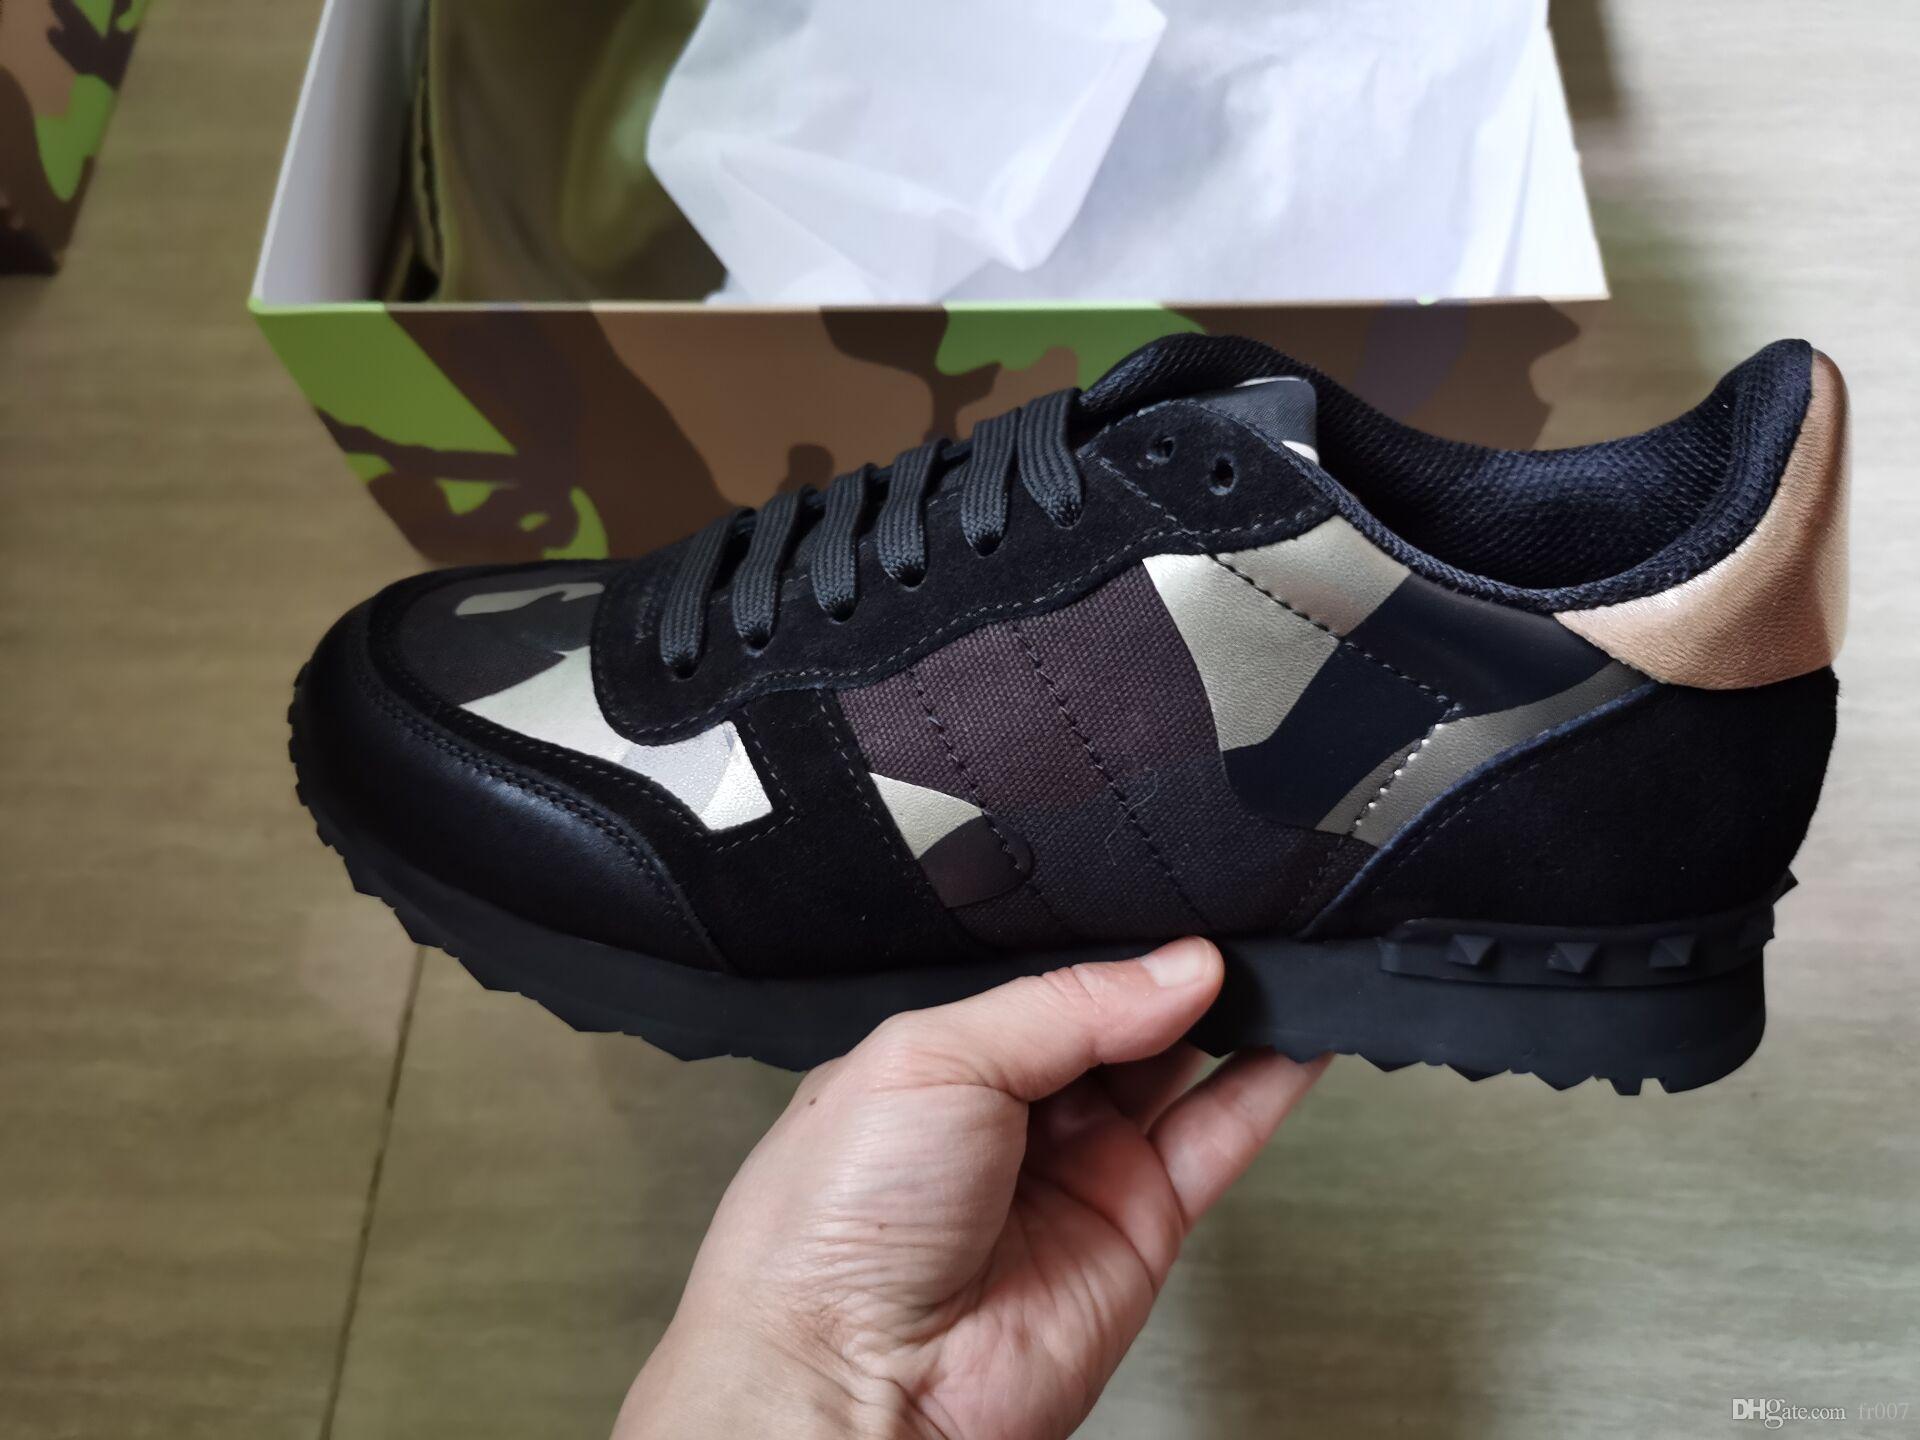 Cuoio Genuino Fashion Lover designer Rock Stud Sneaker Scarpe Donna Uomo Marca Scarpe Casual Rock Flats Star Scarpe